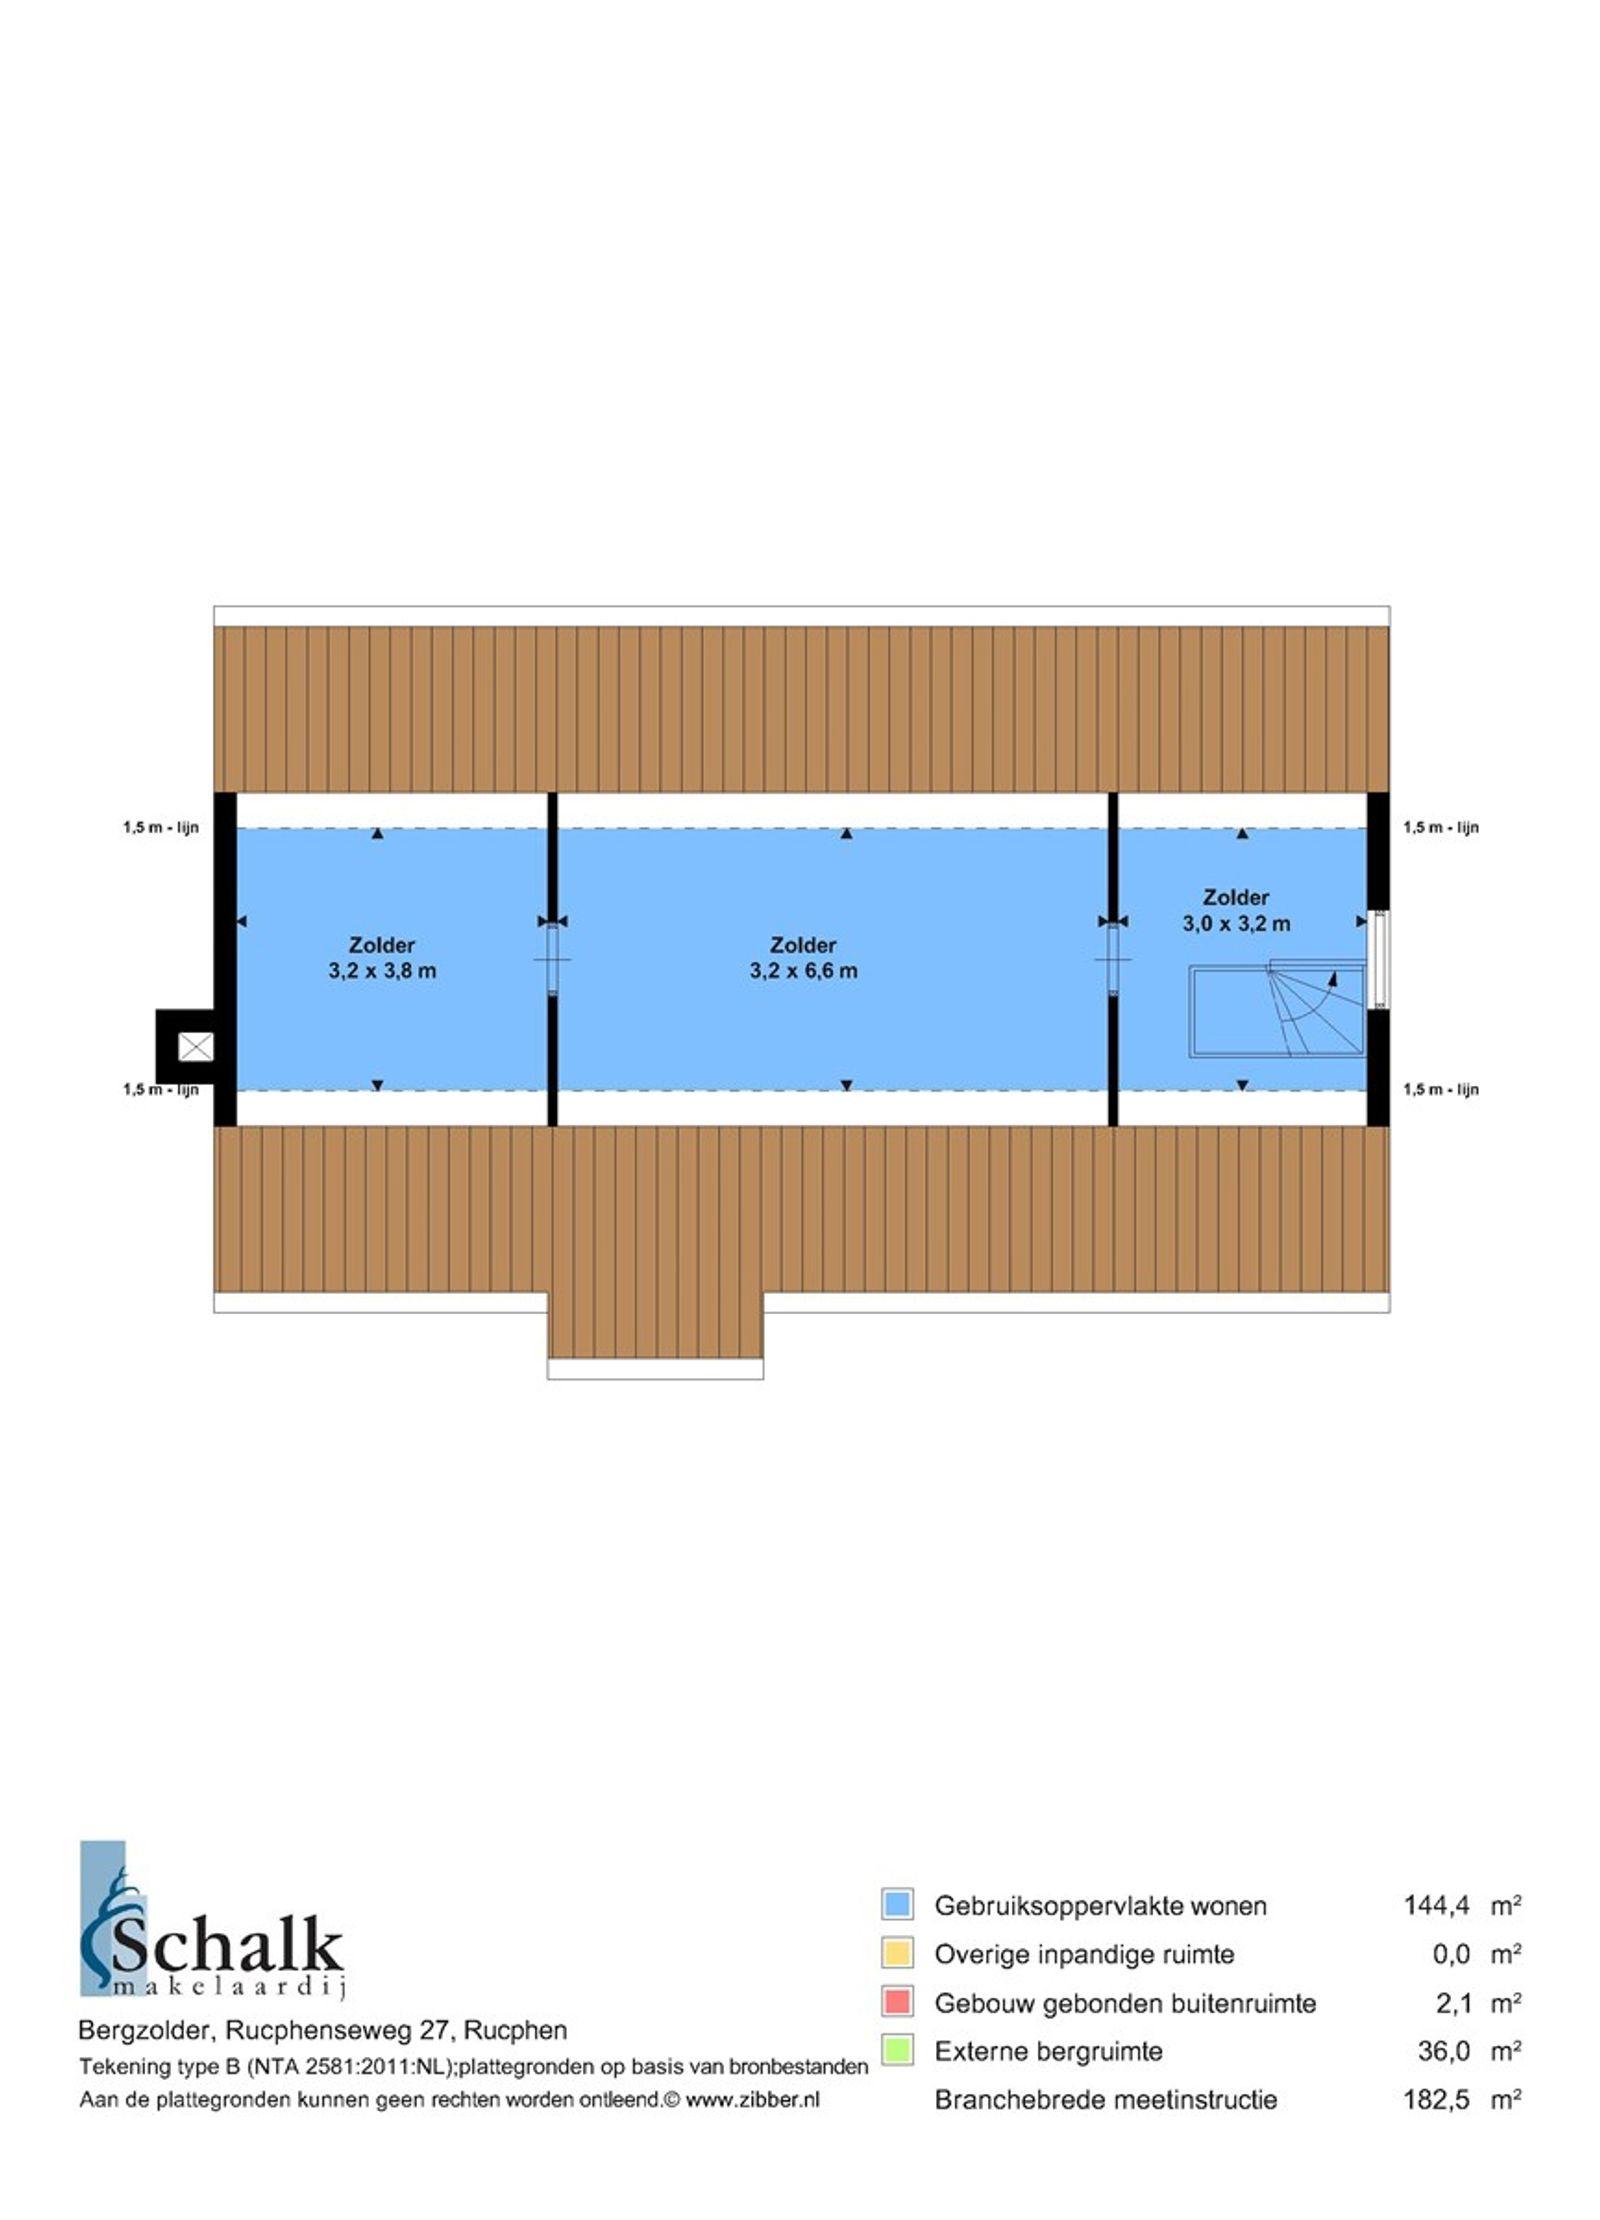 Deze vrijstaande semibungalow met vrijstaande dubbele garage is gelegen op een ruim perceel van 23.810 m² buiten de bebouwde kom van Rucphen. Op korte afstand bereik je diverse uitvalswegen maar ook alle dorpsvoorzieningen.   Via een af te sluiten poort bereik je de royale oprit waarbij je via een achterom toegang krijgt tot de achtertuin welke wordt omheind door een hekwerk. Achter het hekwerk is een klein bosje gesitueerd met daarachter een prachtig weiland dat uitermate geschikt is voor het hobbymatig houden van paarden en/of kleinvee.  De begane grond heeft o.a. een woonkamer, twee slaapkamers, badkamer, kantoorruimte, keuken en een praktische bijkeuken. De eerste verdieping biedt mogelijkheid tot het creeren van extra (slaap)kamers.   Men dient rekening te houden met eventuele moderniseringskosten.    BEGANE GROND Entree/hal met toegang tot de woonkamer, keuken, gang, badkamer, twee slaapkamers en de kantoorruimte.  Afwerking- vloerbedekking, gesauste wanden en een zachtboard plafond.   Toiletruimte   Woonkamer met open haard.  Afwerking- vloerbedekking, behangen wanden en een zachtboard plafond.   Slaapkamer 1- voorzien van een tweetal vaste kasten.  Afwerking- vloerbedekking, behangen wanden en een zachtboard plafond.   Slaapkamer 2- voorzien van een tweetal vaste kasten. Afwerking- vloerbedekking, behangen wanden en een zachtboard plafond.   Kantoorruimte- voorzien van een vaste kast en multifunctioneel inzetbaar.  Afwerking- vloerbedekking, behangen wanden en een zachtboard plafond.   Leefkeuken in rechte opstelling uitgerust met een houten aanrechtblad, 1 spoelbak, elektrische kookplaat,  elektrische oven, vaatwasser en afzuigkap. Afwerking- betonvloer met zeil in tegelvormen, deels betegelde en deels stucwerk wanden.  Het plafond is afgewerkt met  stucwerk.   Achterentree/bijkeuken met wasmachine– en drogeraansluiting. Afwerking- tegelvloer, deels betegelde en deels stucwerk wanden. Het plafond is afgewerkt met zachtboard.  Badkamer met ligbad en wastafel